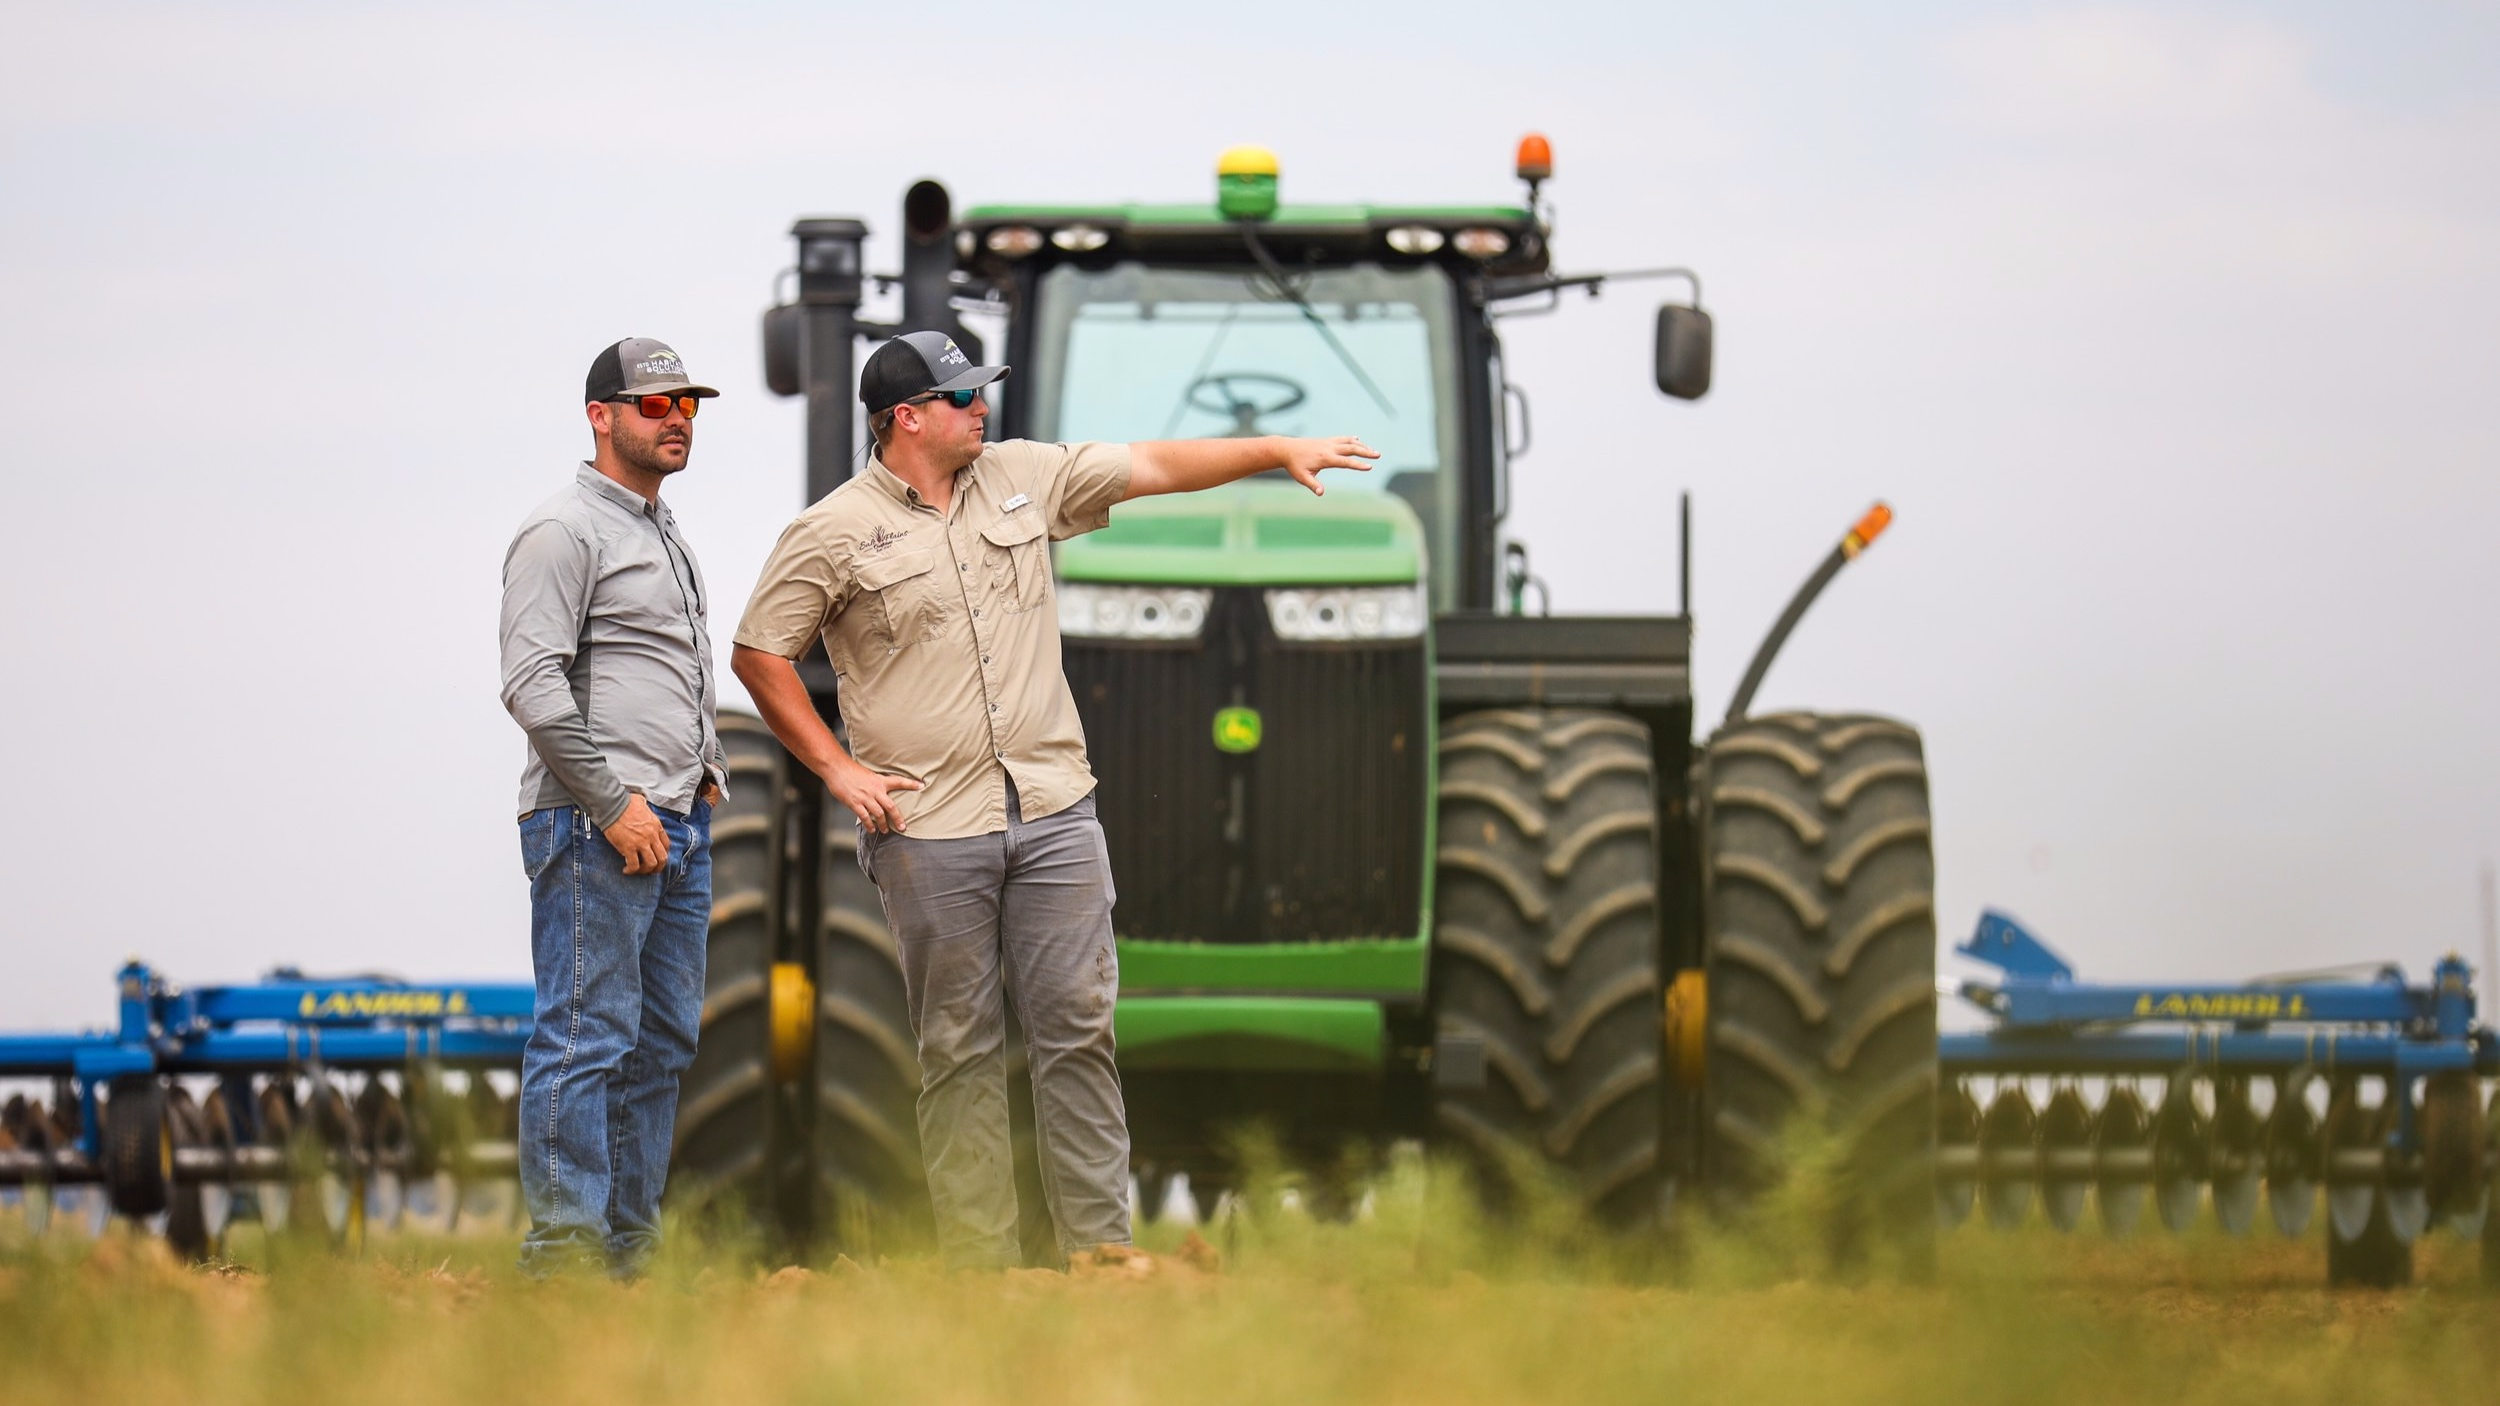 Shane Olson and Grant Wisenbaker - Habitat Solutions